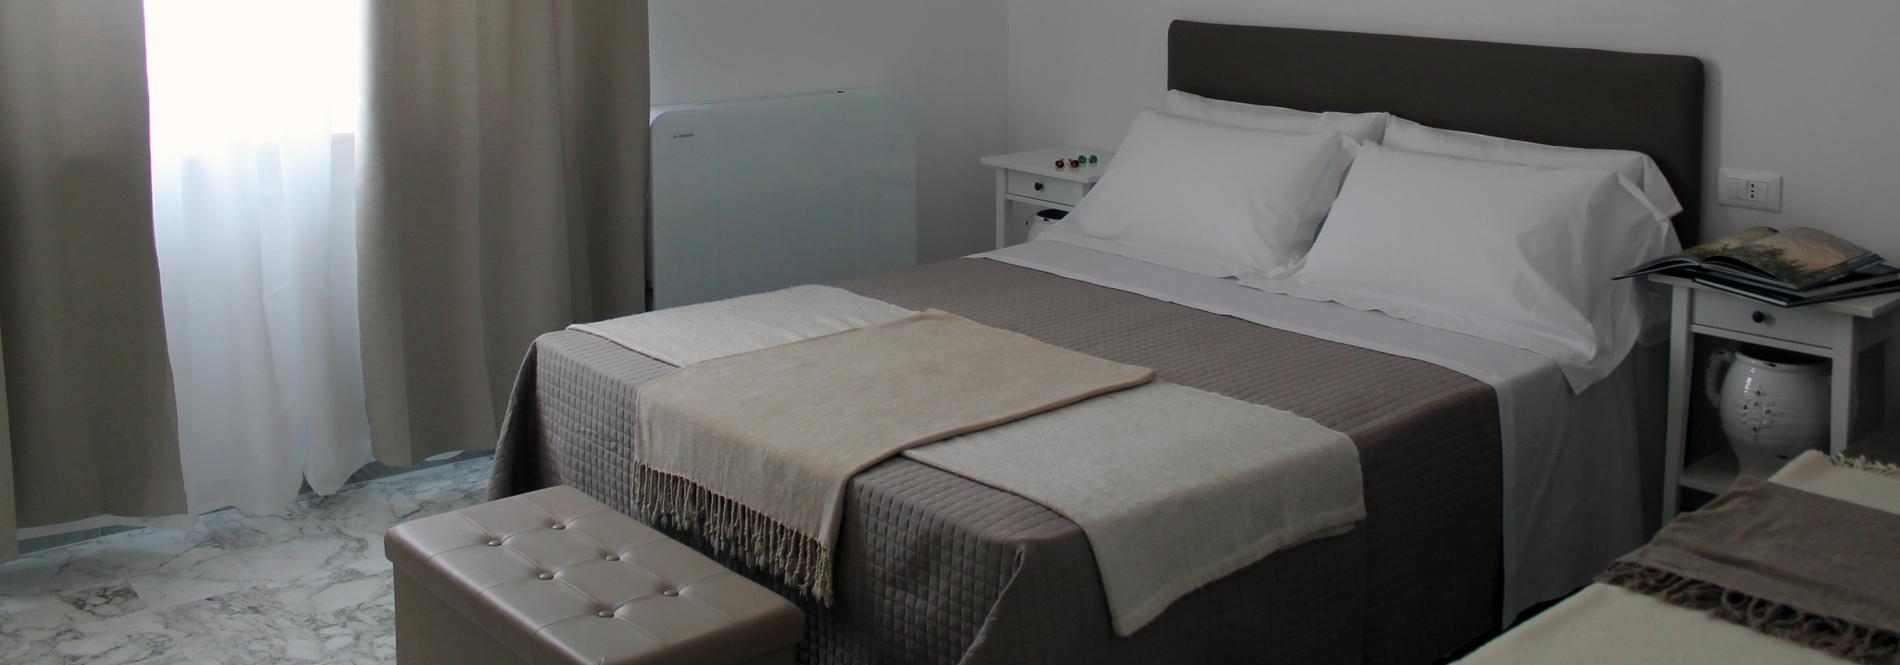 Scopri il comfort e il design di FLOS Guest House